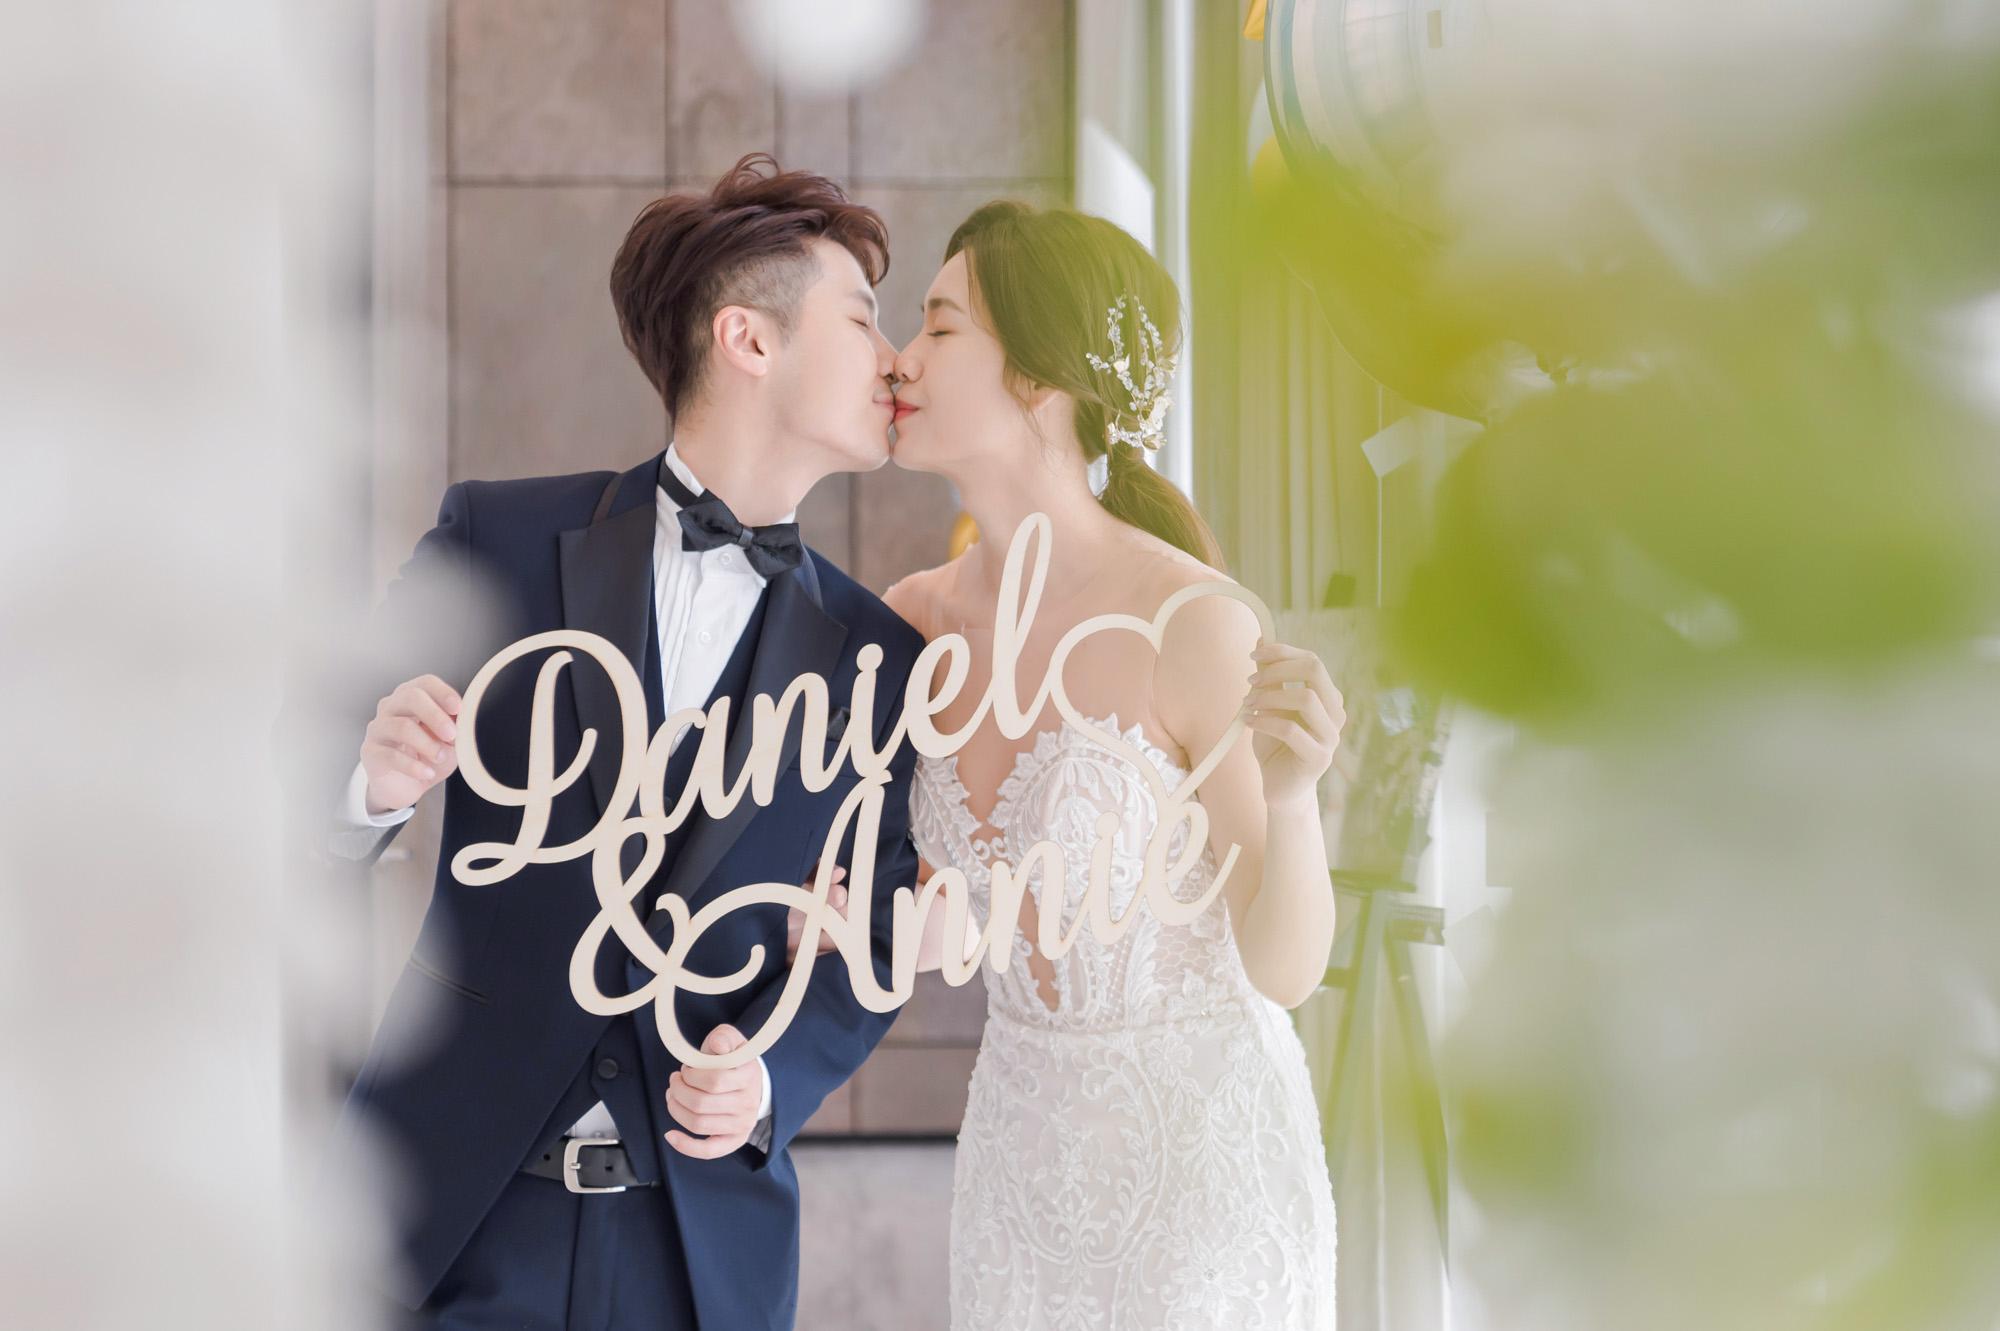 婚禮故事專業婚攝、婚攝推薦、婚攝價格、婚禮攝影